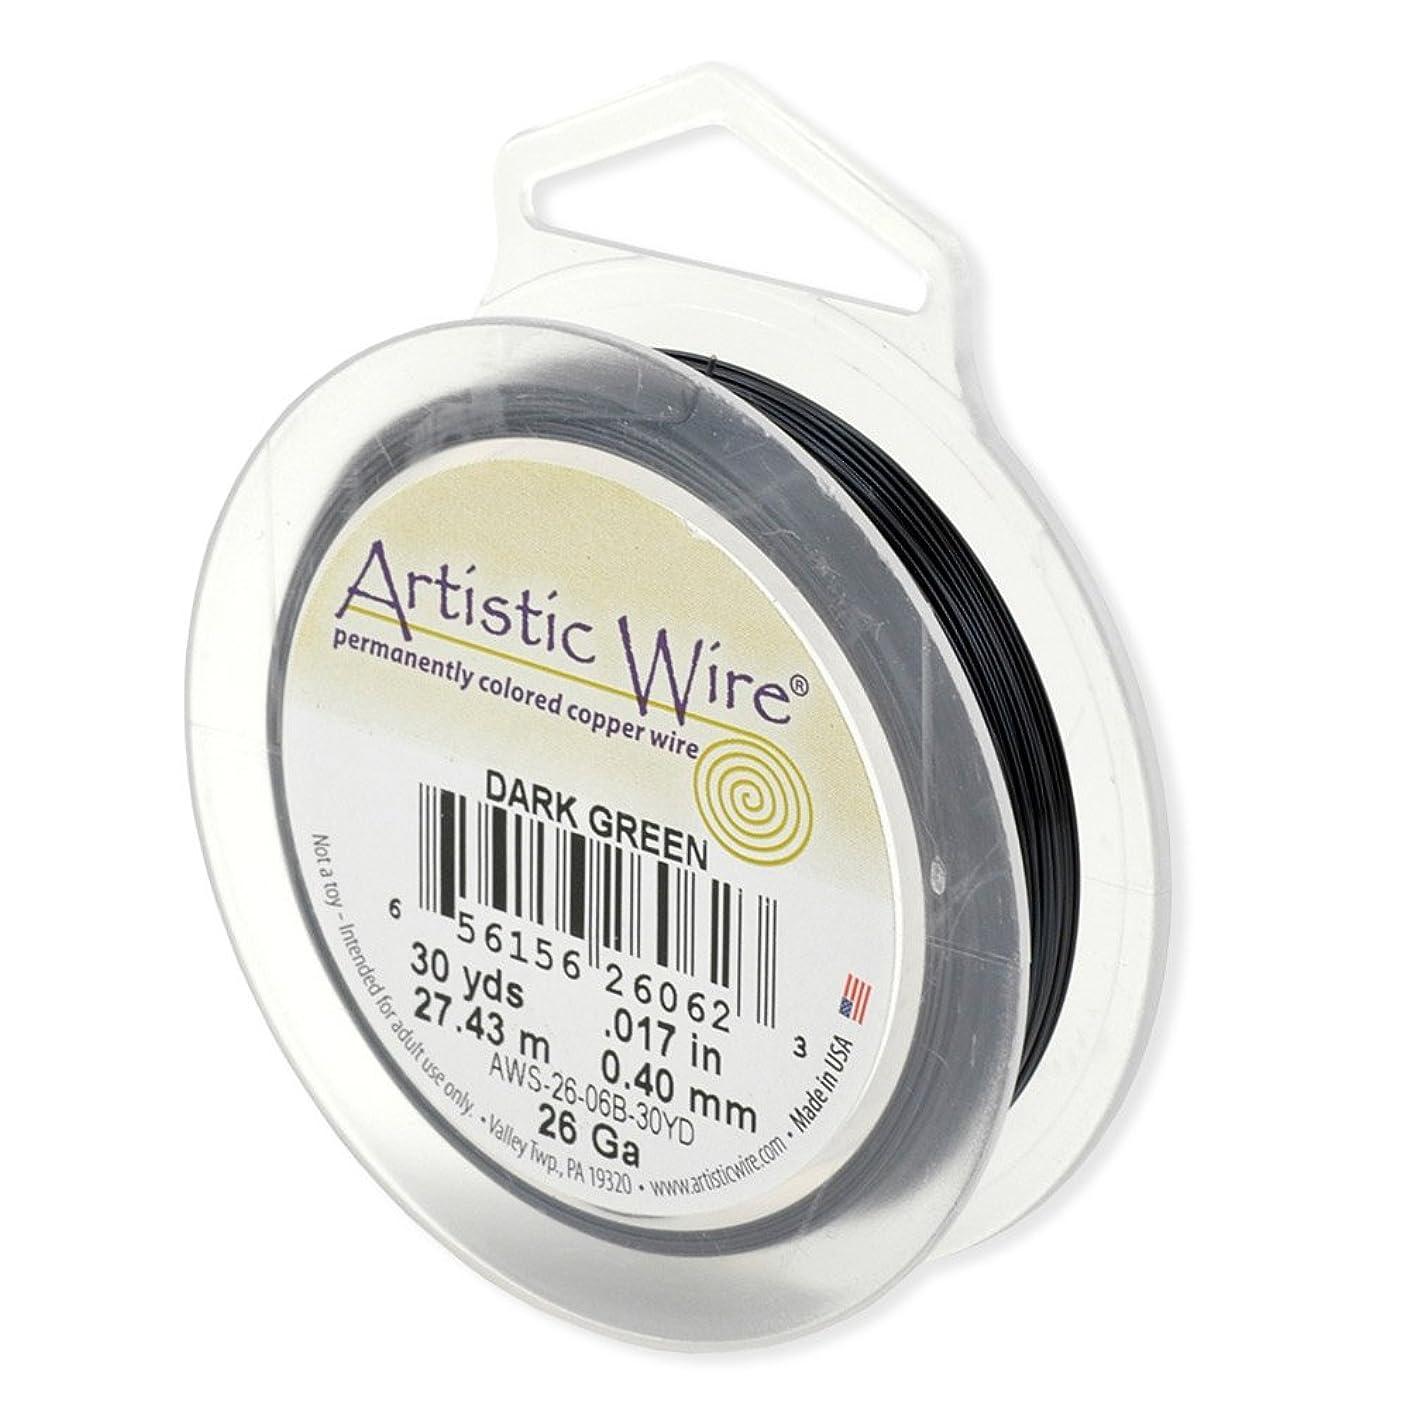 Artistic Wire 26-Gauge Dark Green Wire, 30-Yards